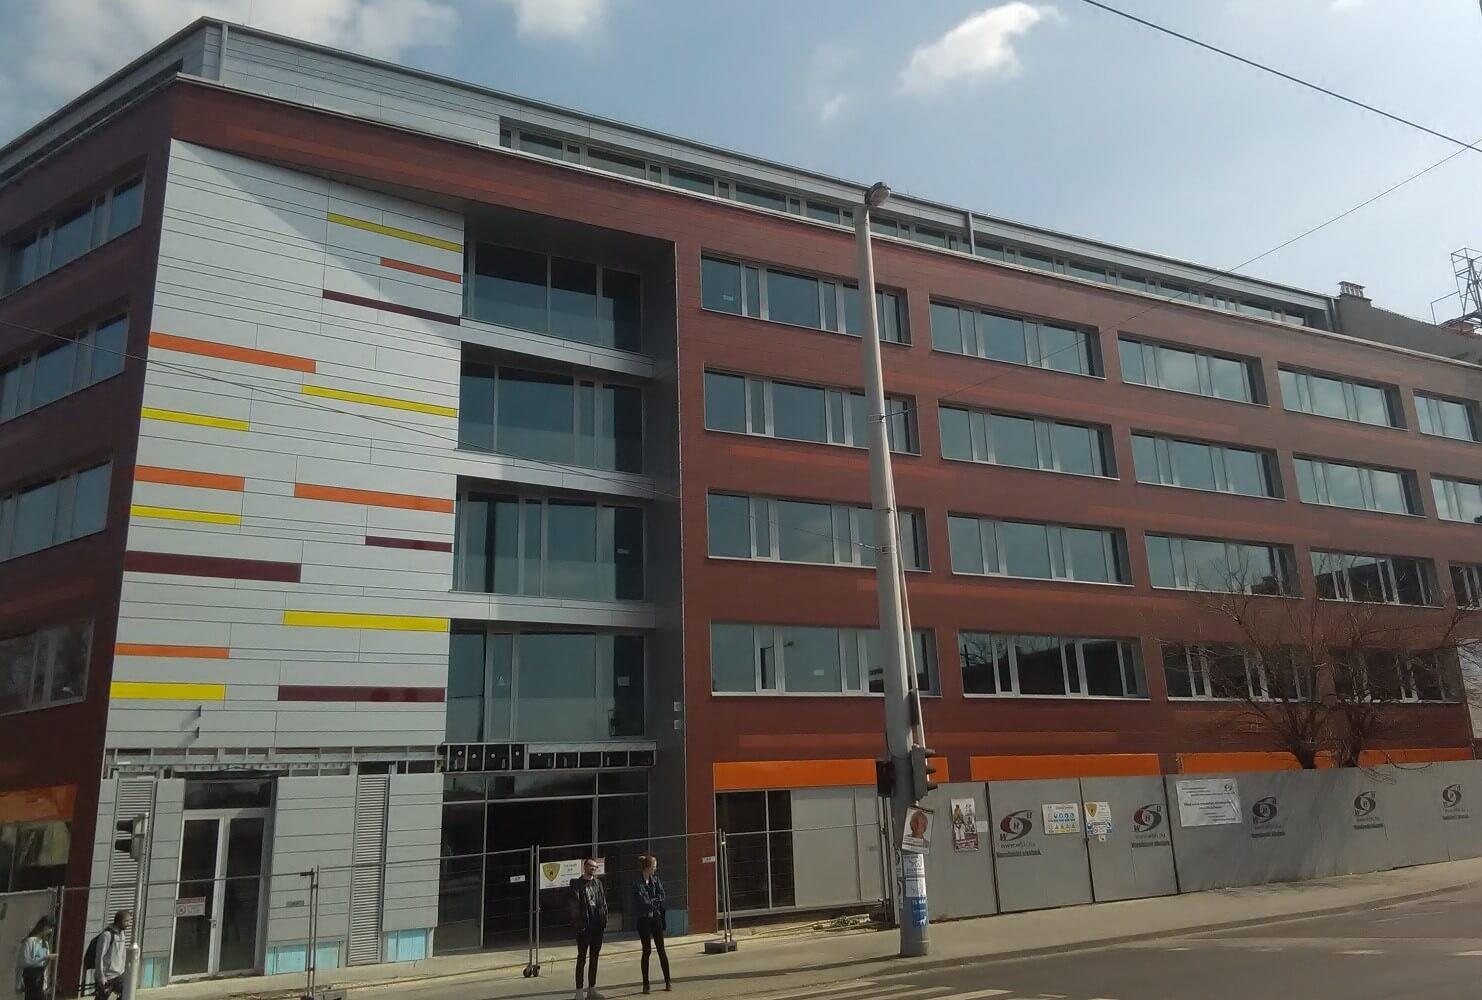 Közel a befejezéshez a Hungária körúton születő irodaház